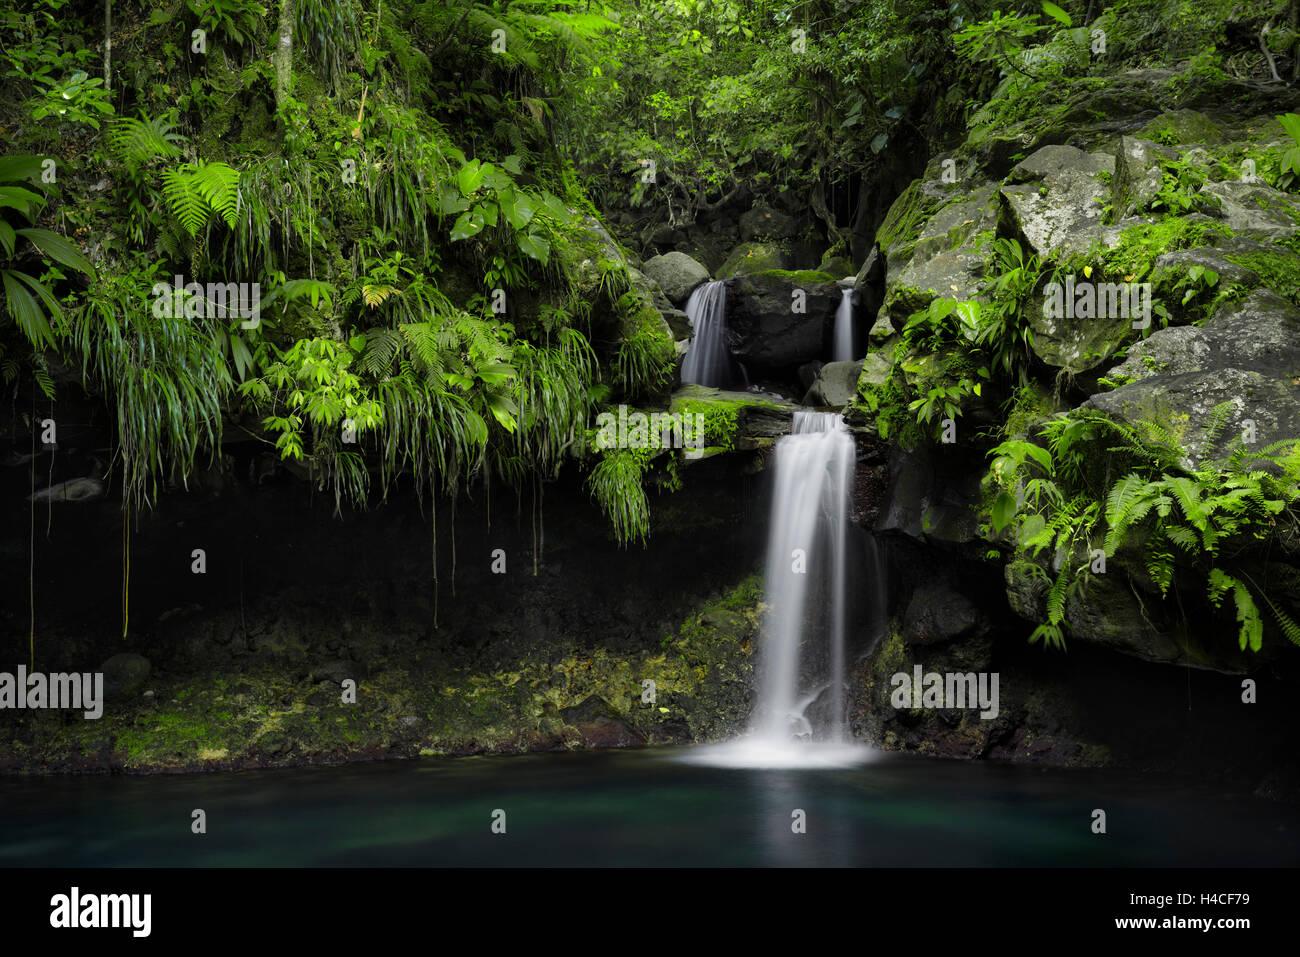 La Guadeloupe, la France, les Caraïbes, jungle, forêt, cascade, piscine, turquoise, vert, feuilles, tropical, Photo Stock